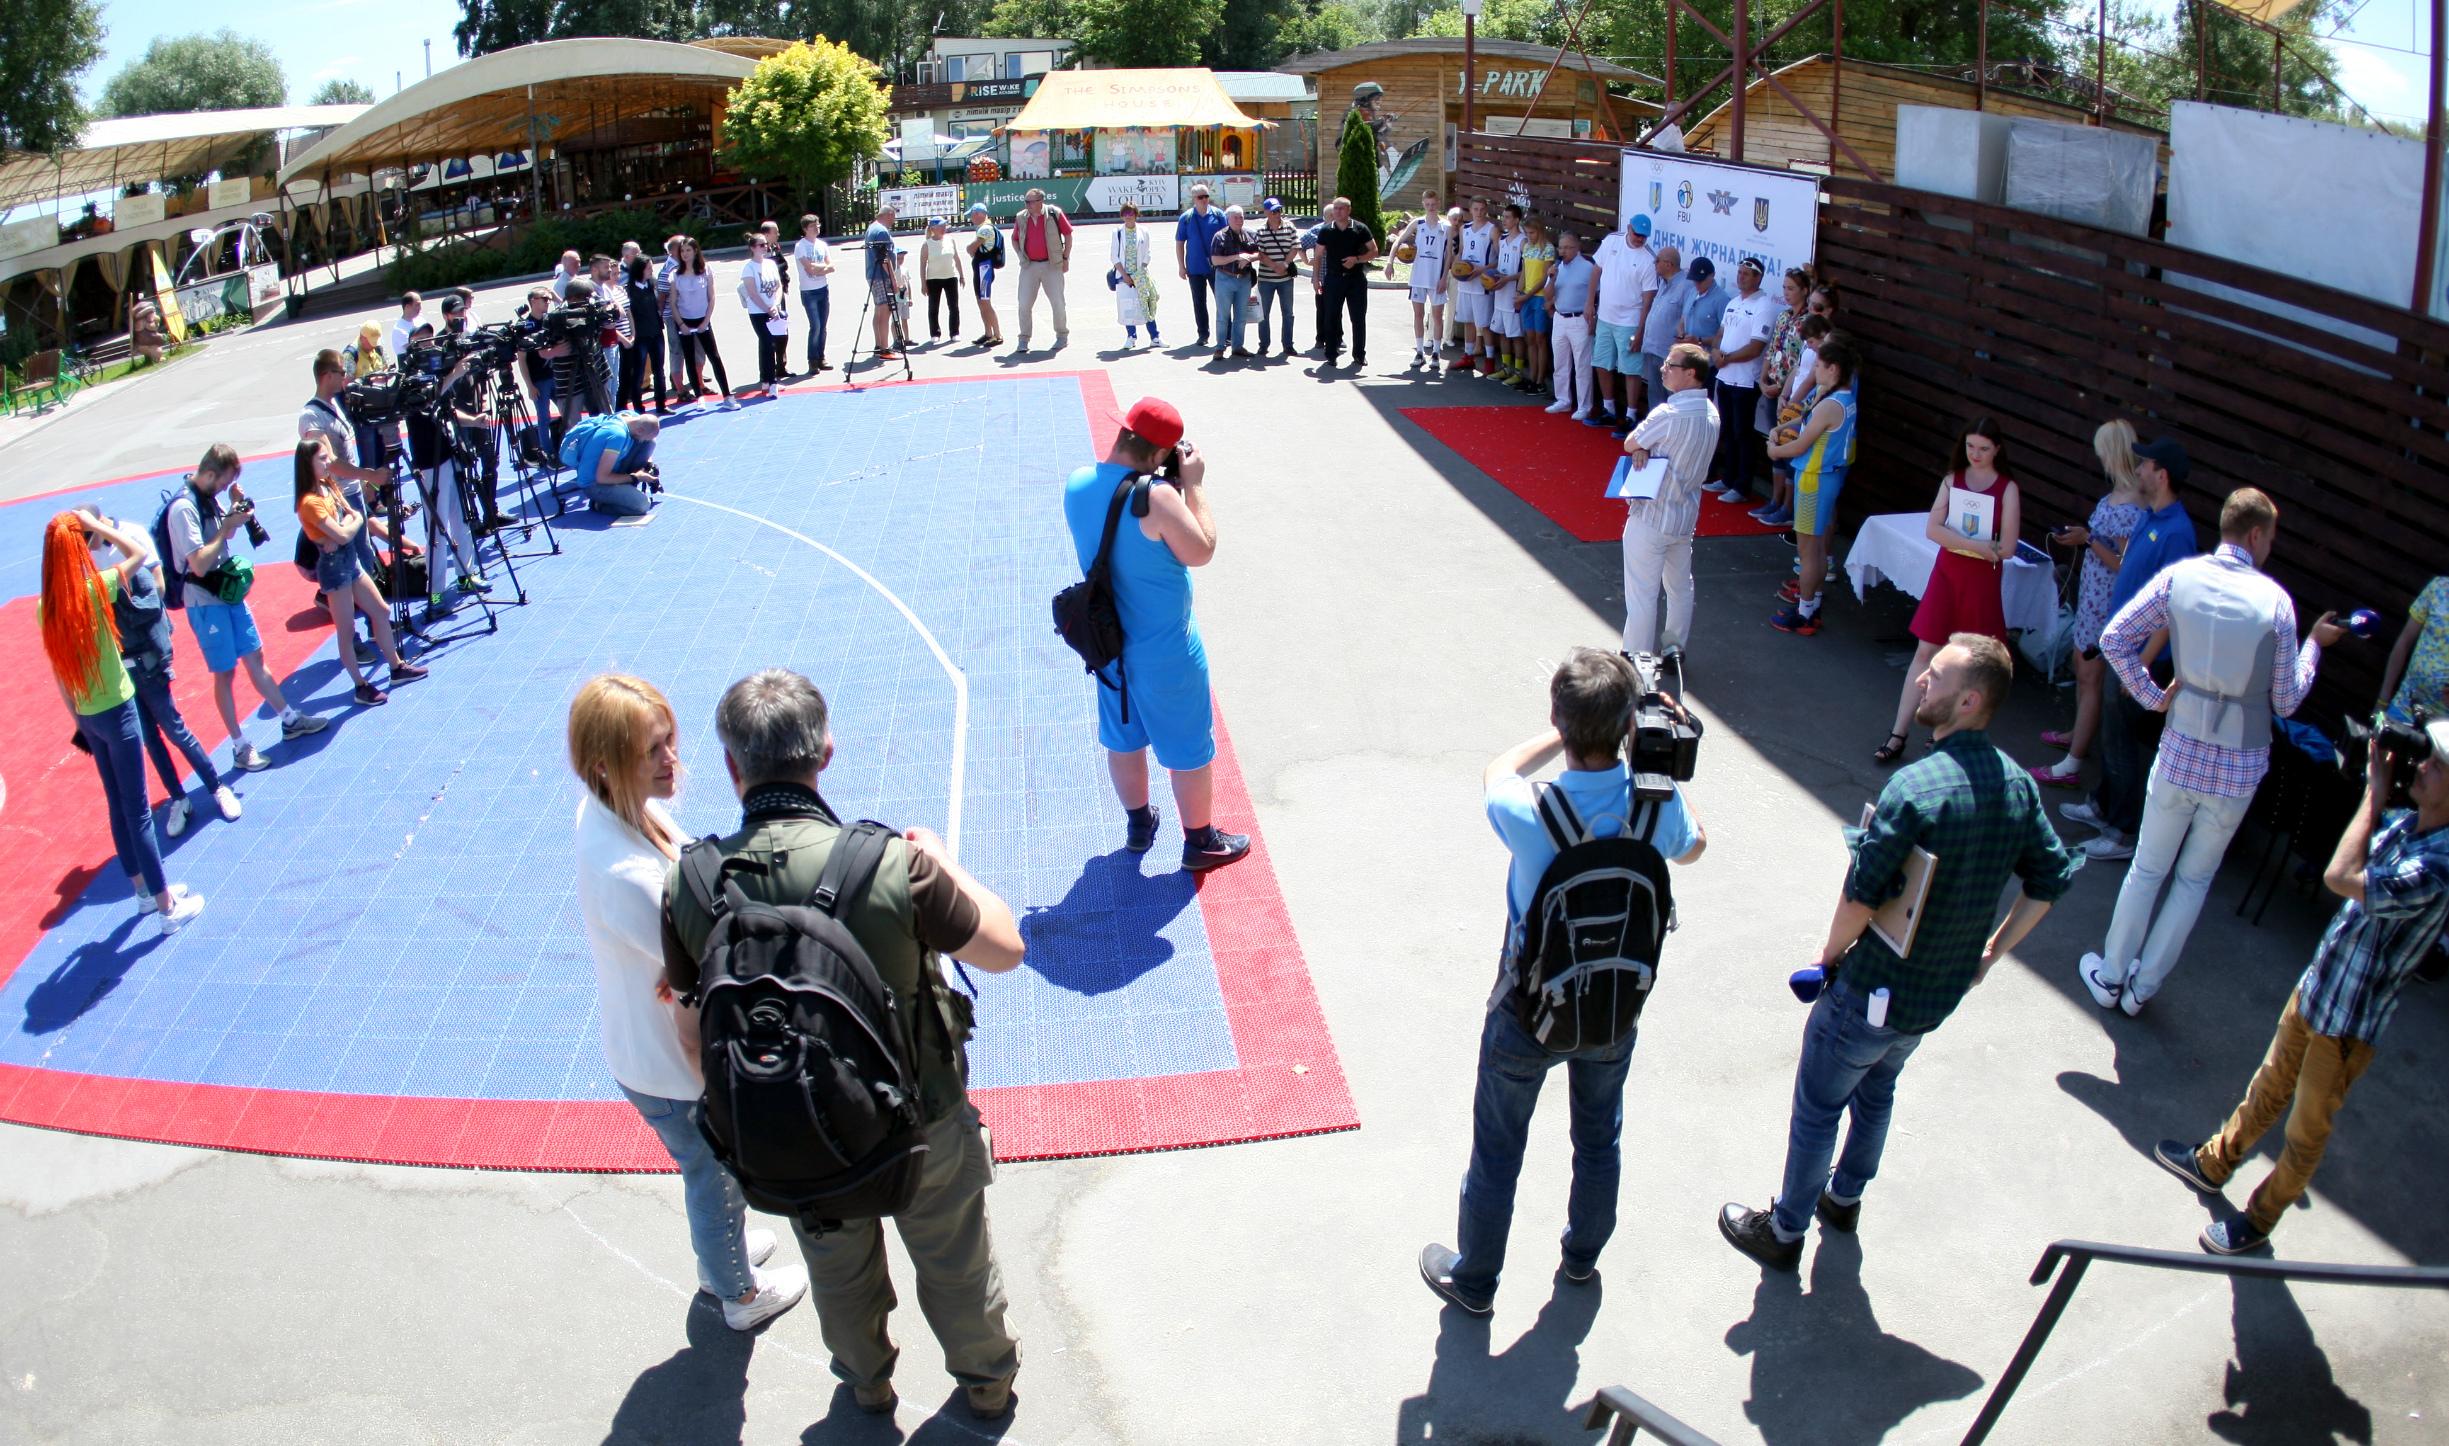 НОК і ФБУ презентували юніорські збірні з баскетболу 3х3 у столичному Х-парку